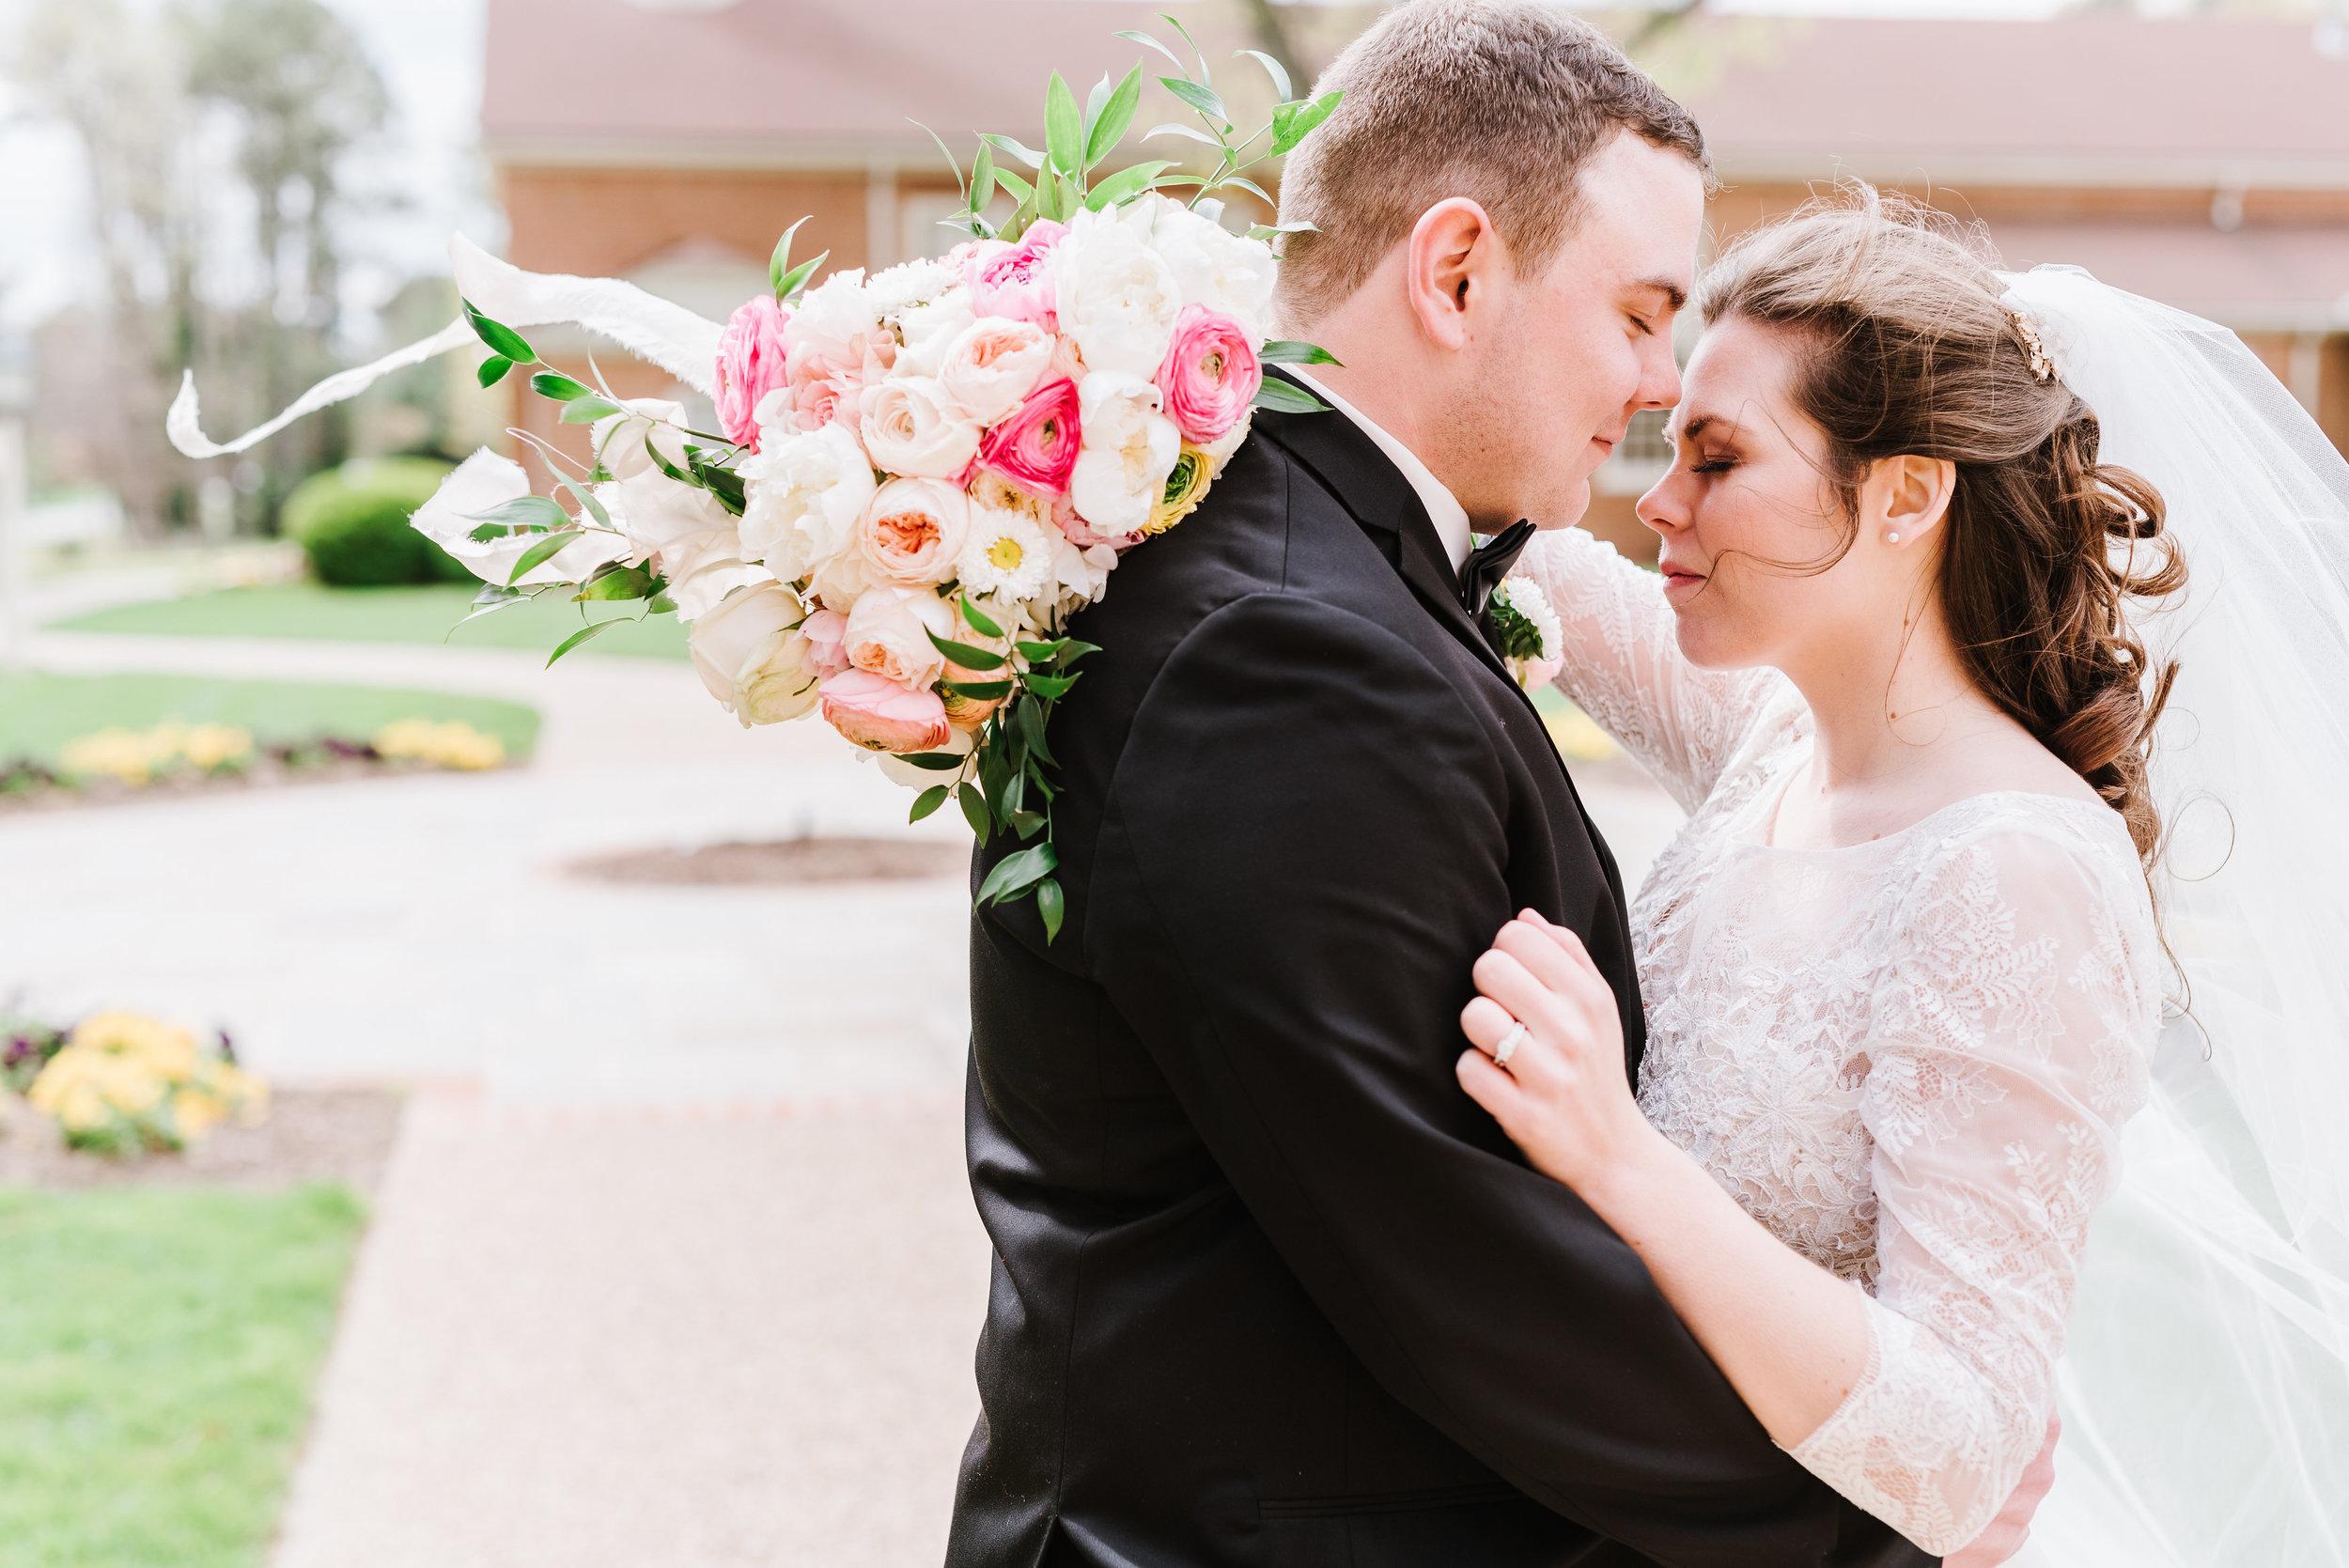 tylar-seth-wedding-334.jpg